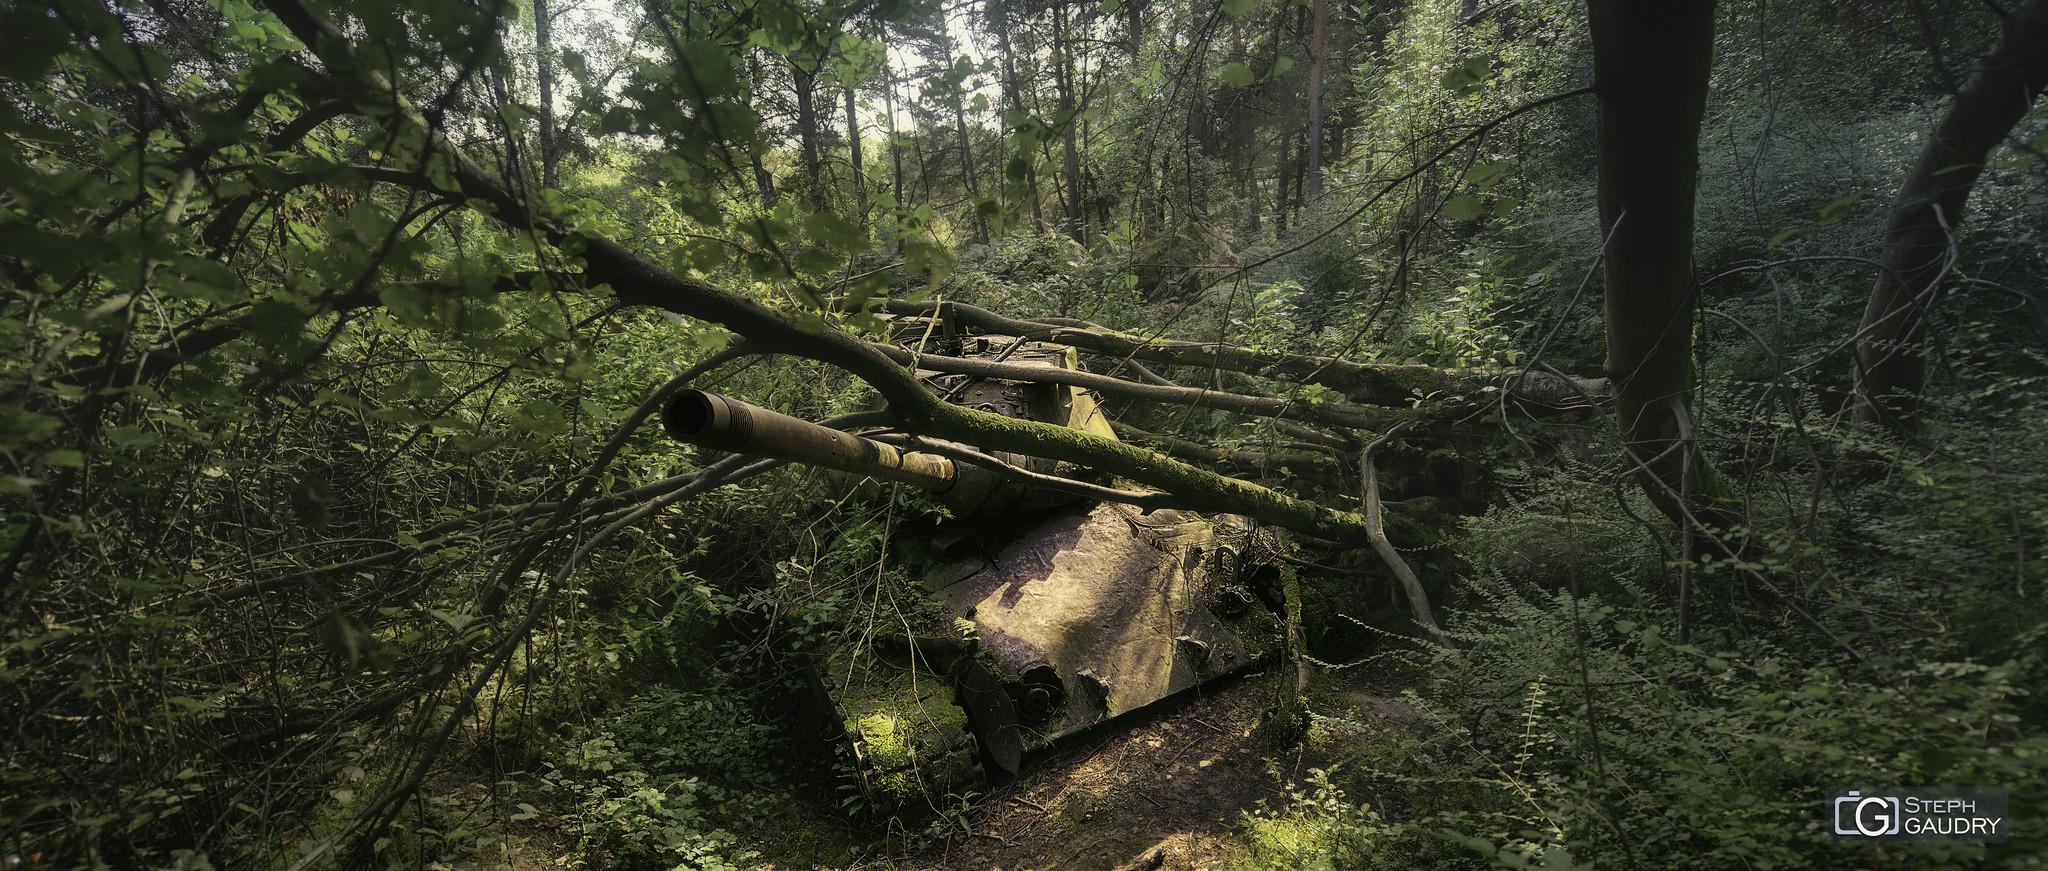 Tank abandonné dans la forêt [Cliquez pour lancer le diaporama]